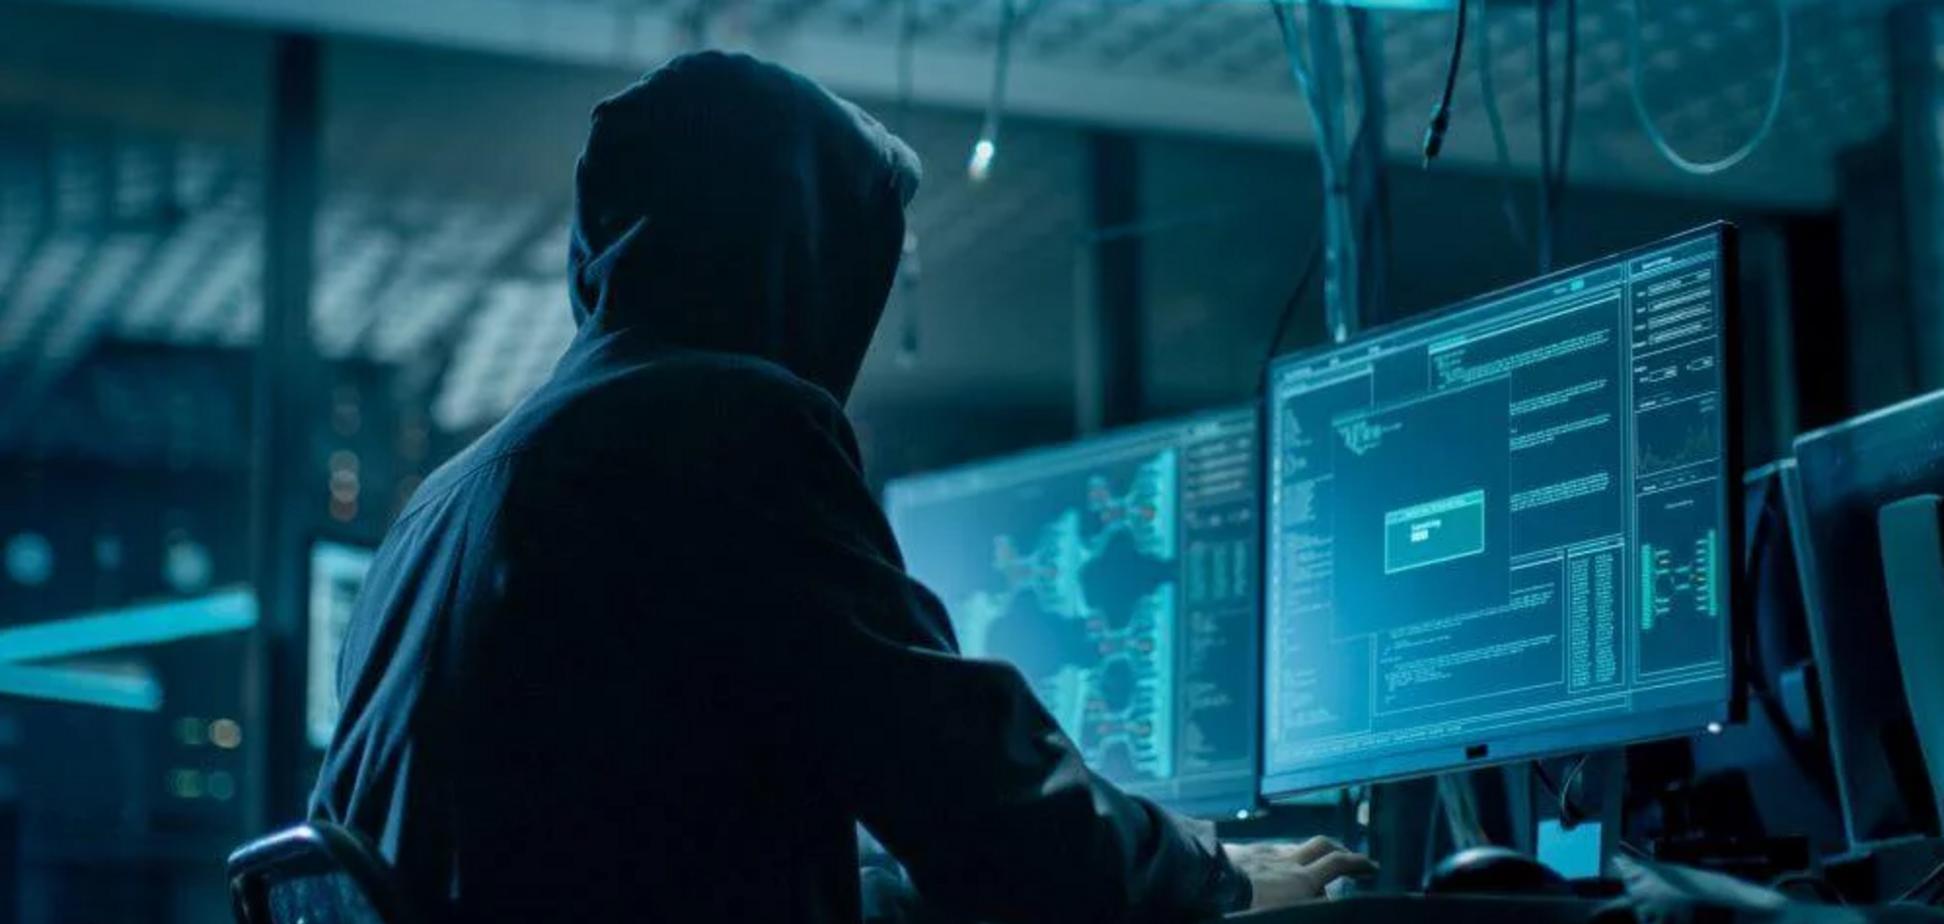 100 долларов за аккаунт: киберэксперт рассказал, как воруют данные украинцев